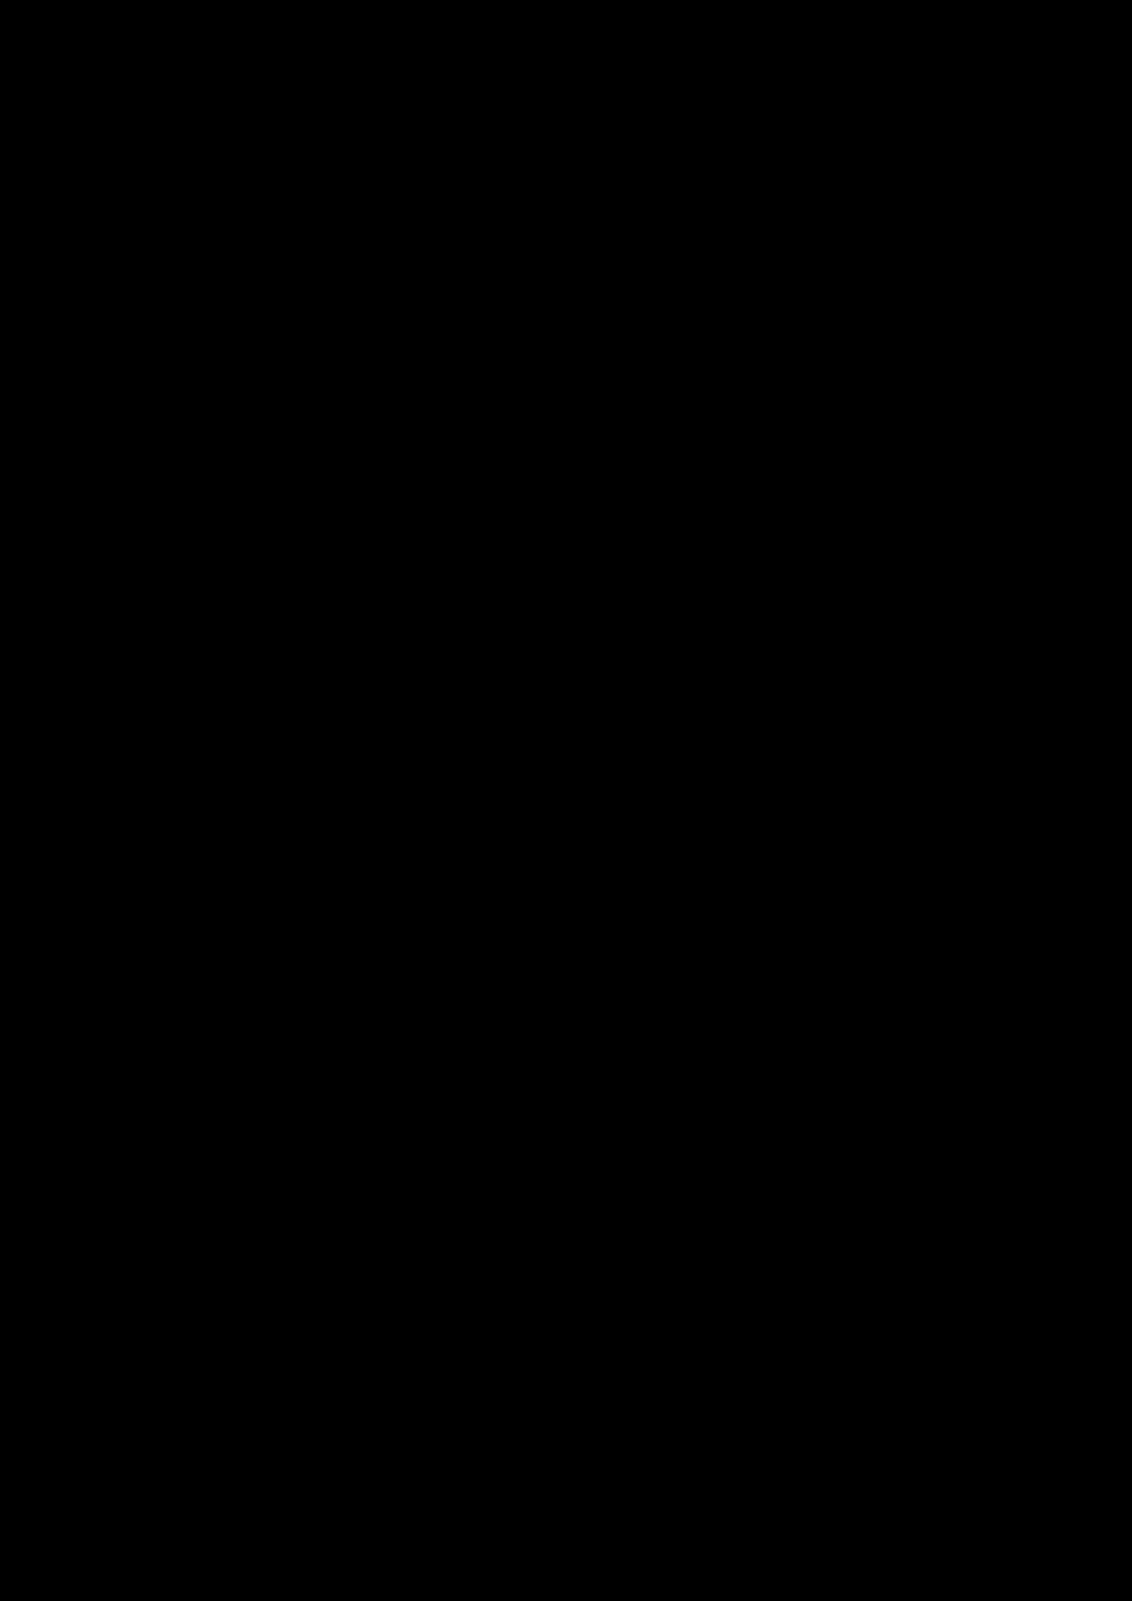 Proschanie s volshebnoy stranoy slide, Image 84